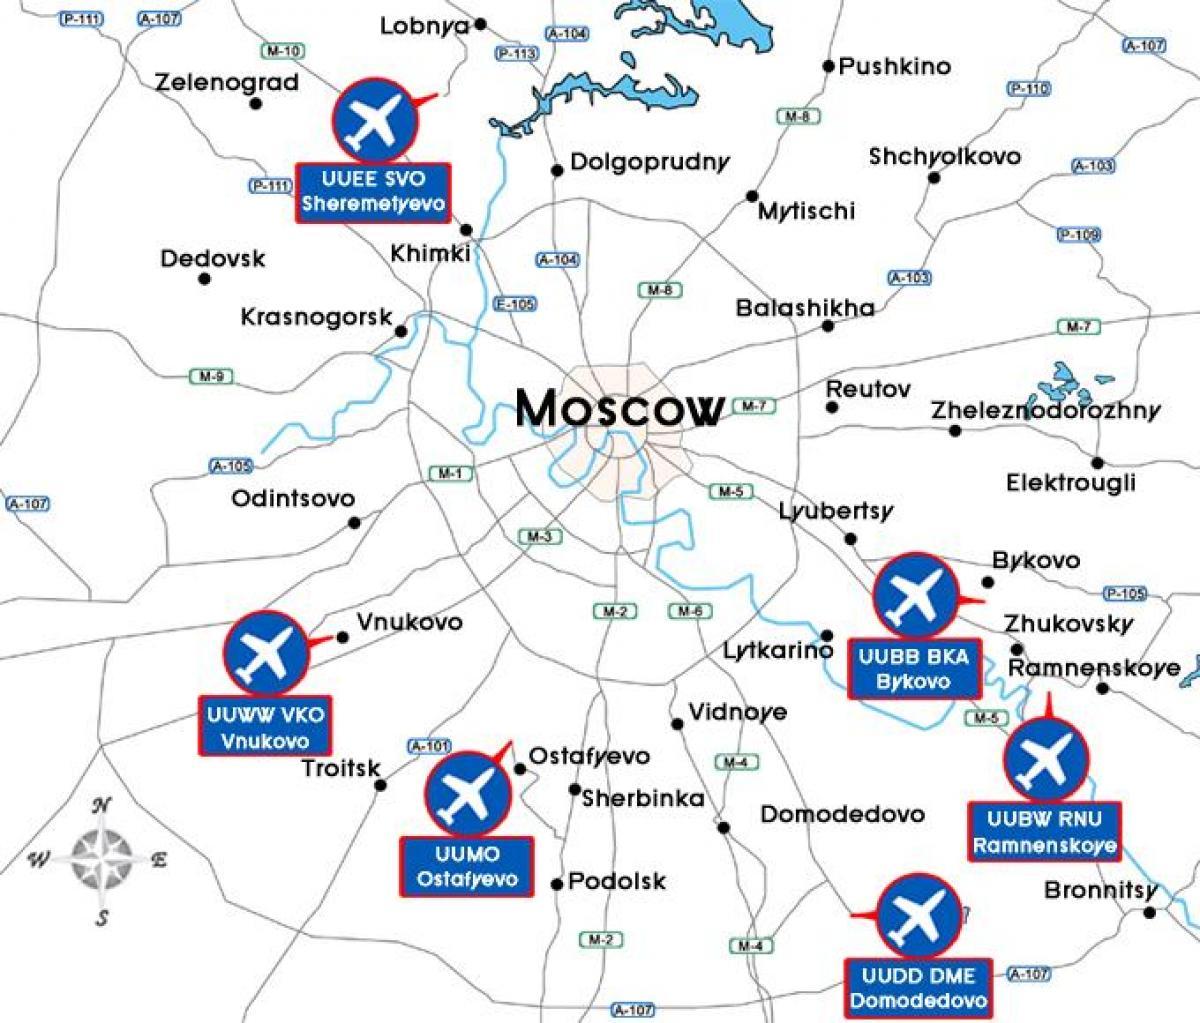 Igdir airport mapa Moscow airport mapa ng terminal Russia